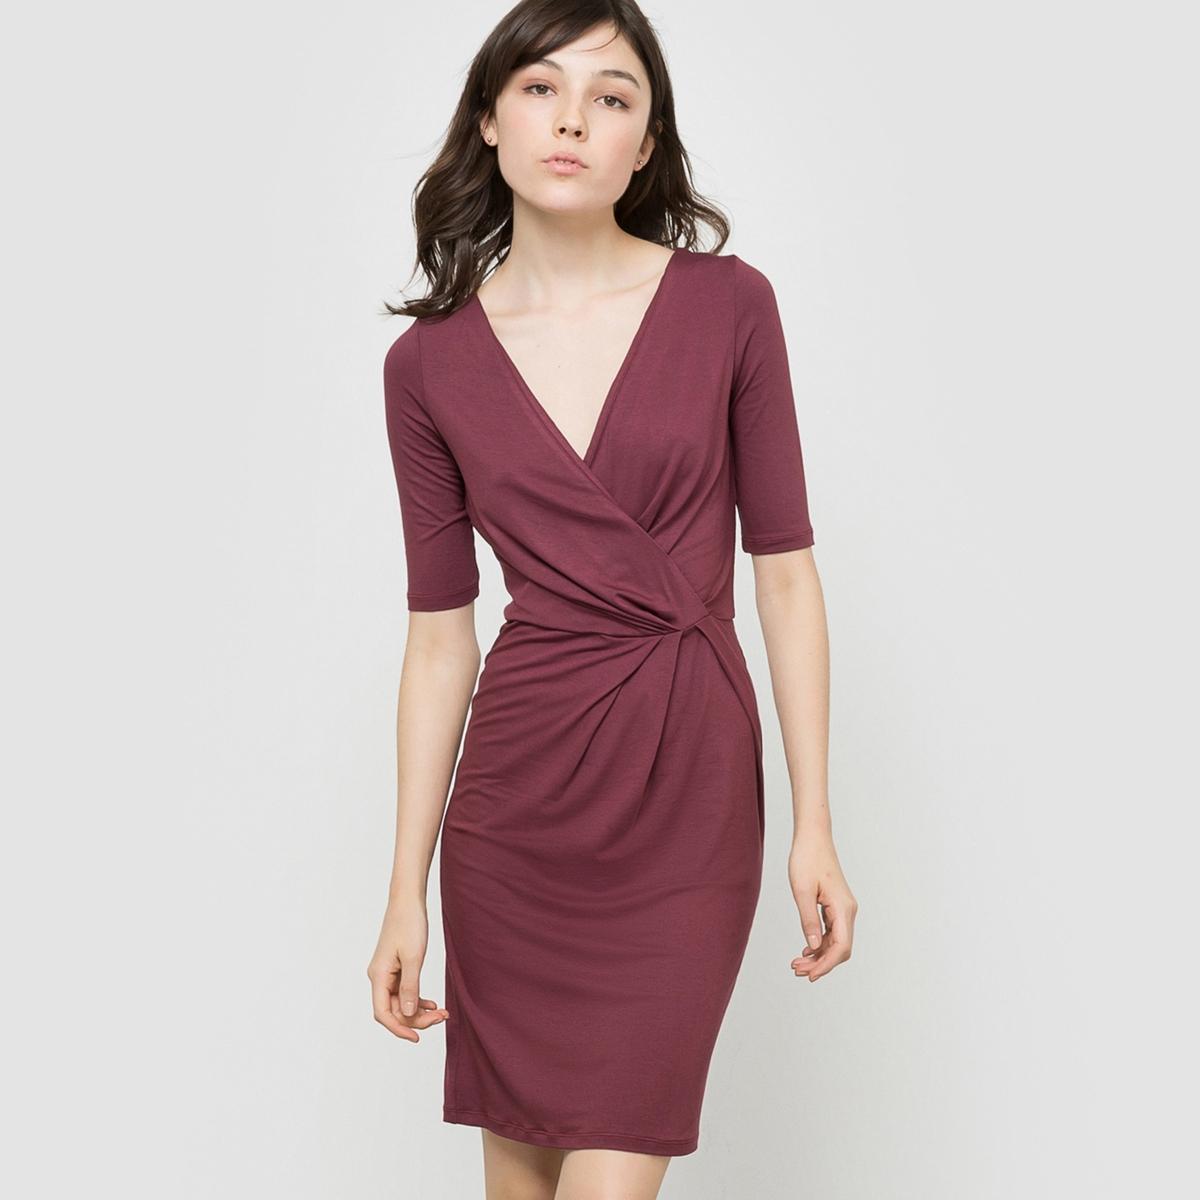 Платье трикотажное с рукавами 3/4Состав и описаниеМатериал: 95% вискозы, 5% эластана.Подкладка: -?Марка: R ?dition<br><br>Цвет: бордовый<br>Размер: 42/44 (FR) - 48/50 (RUS)